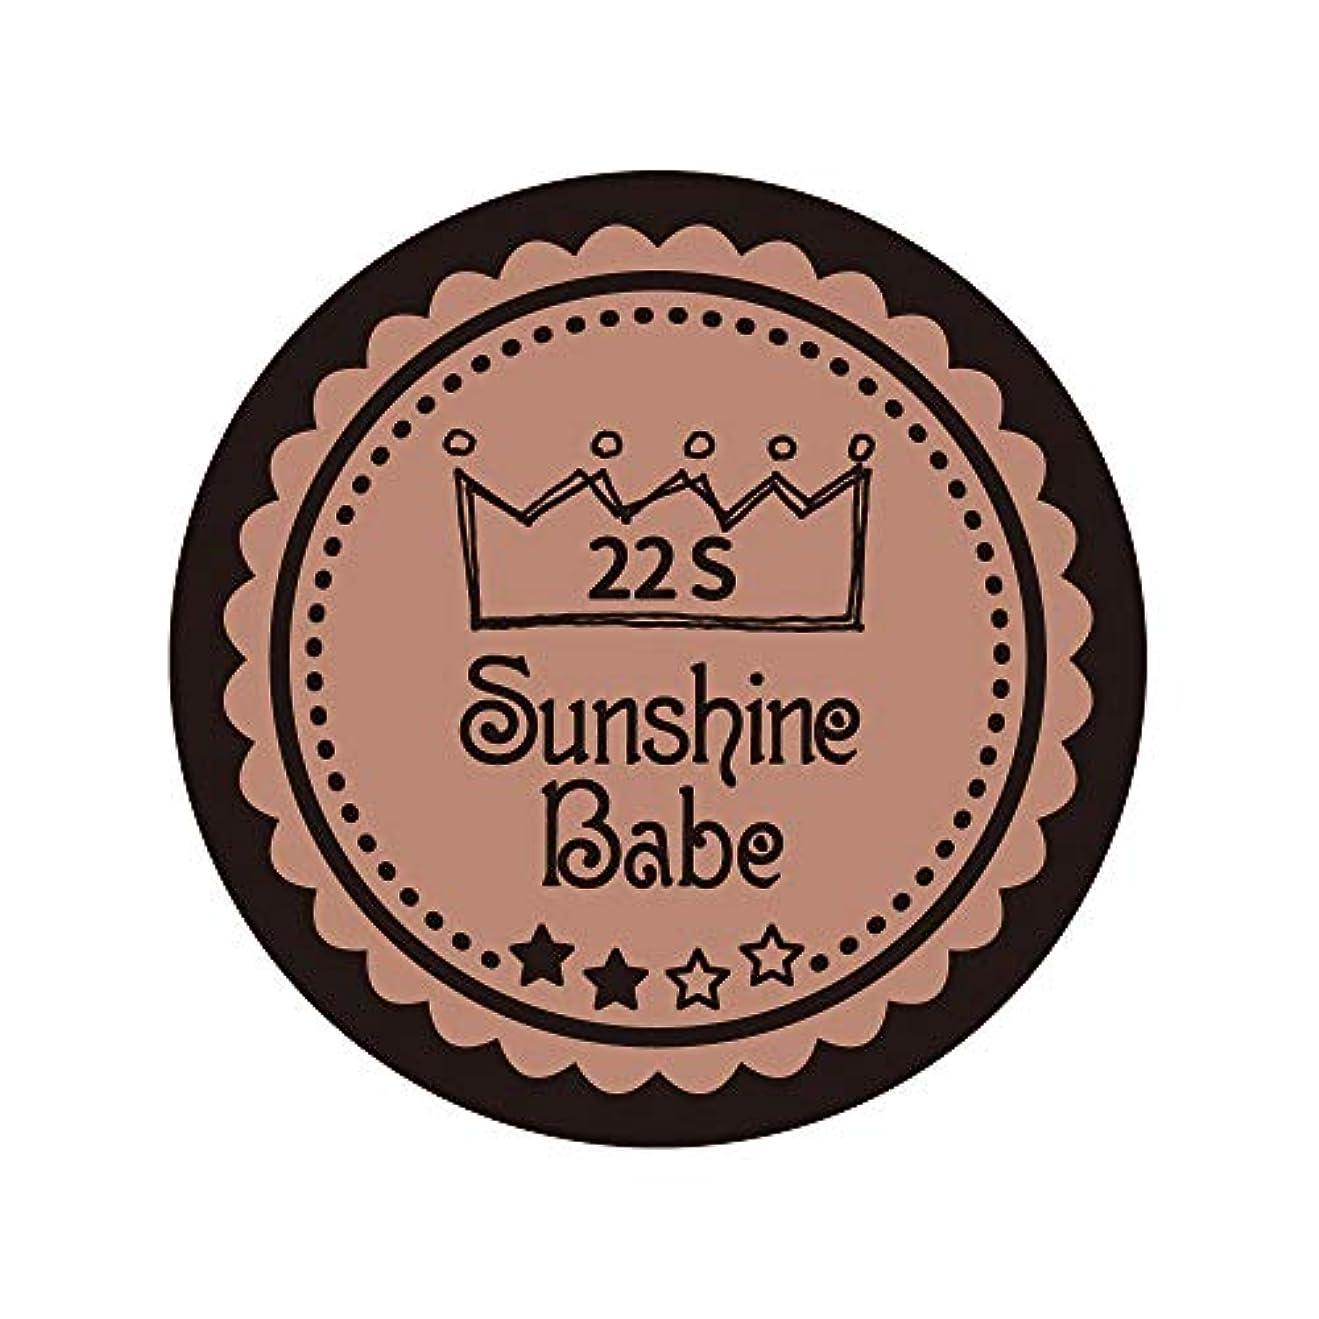 ハイランド完全に乾く子供っぽいSunshine Babe カラージェル 22S パレロワイヤル 2.7g UV/LED対応